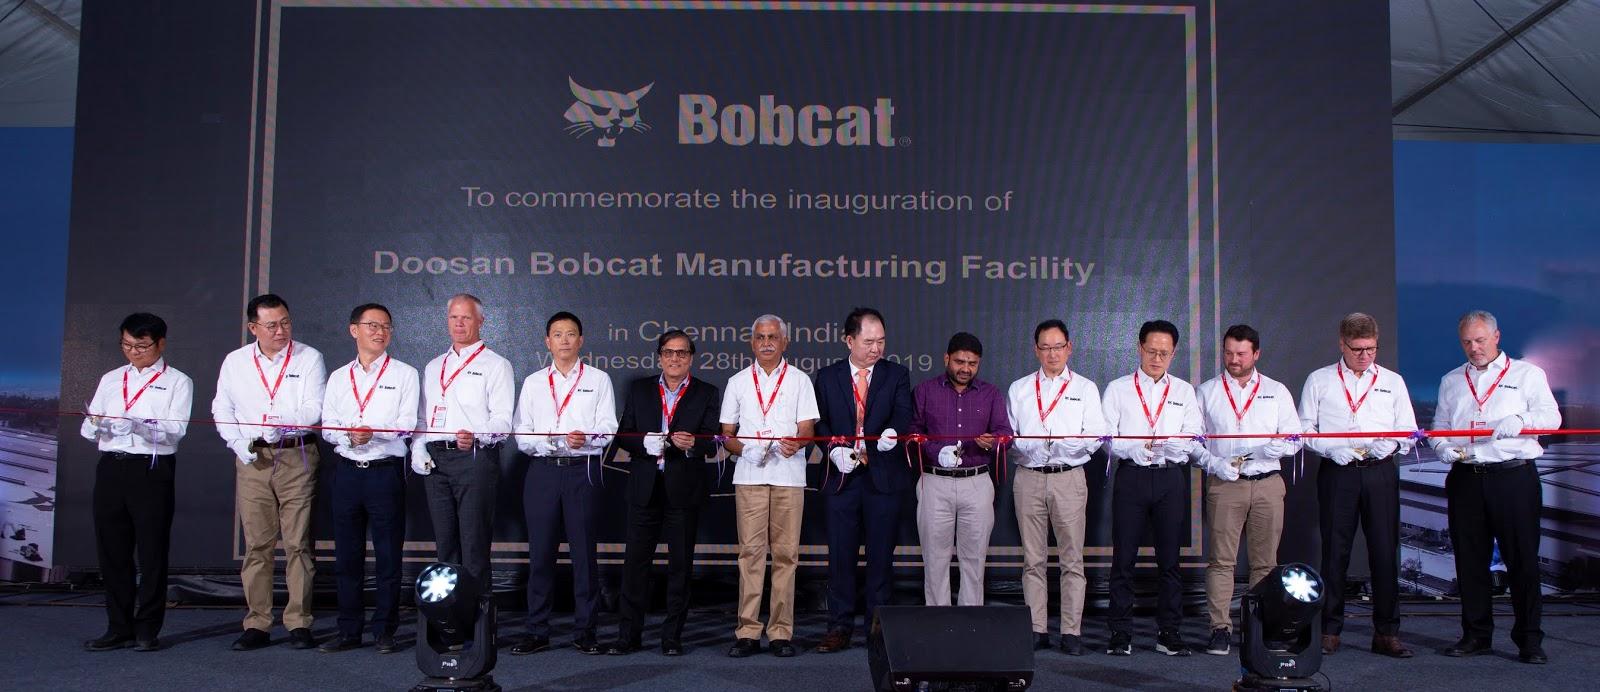 3rdeyereports com: DOOSAN BOBCAT sets up its first Indian